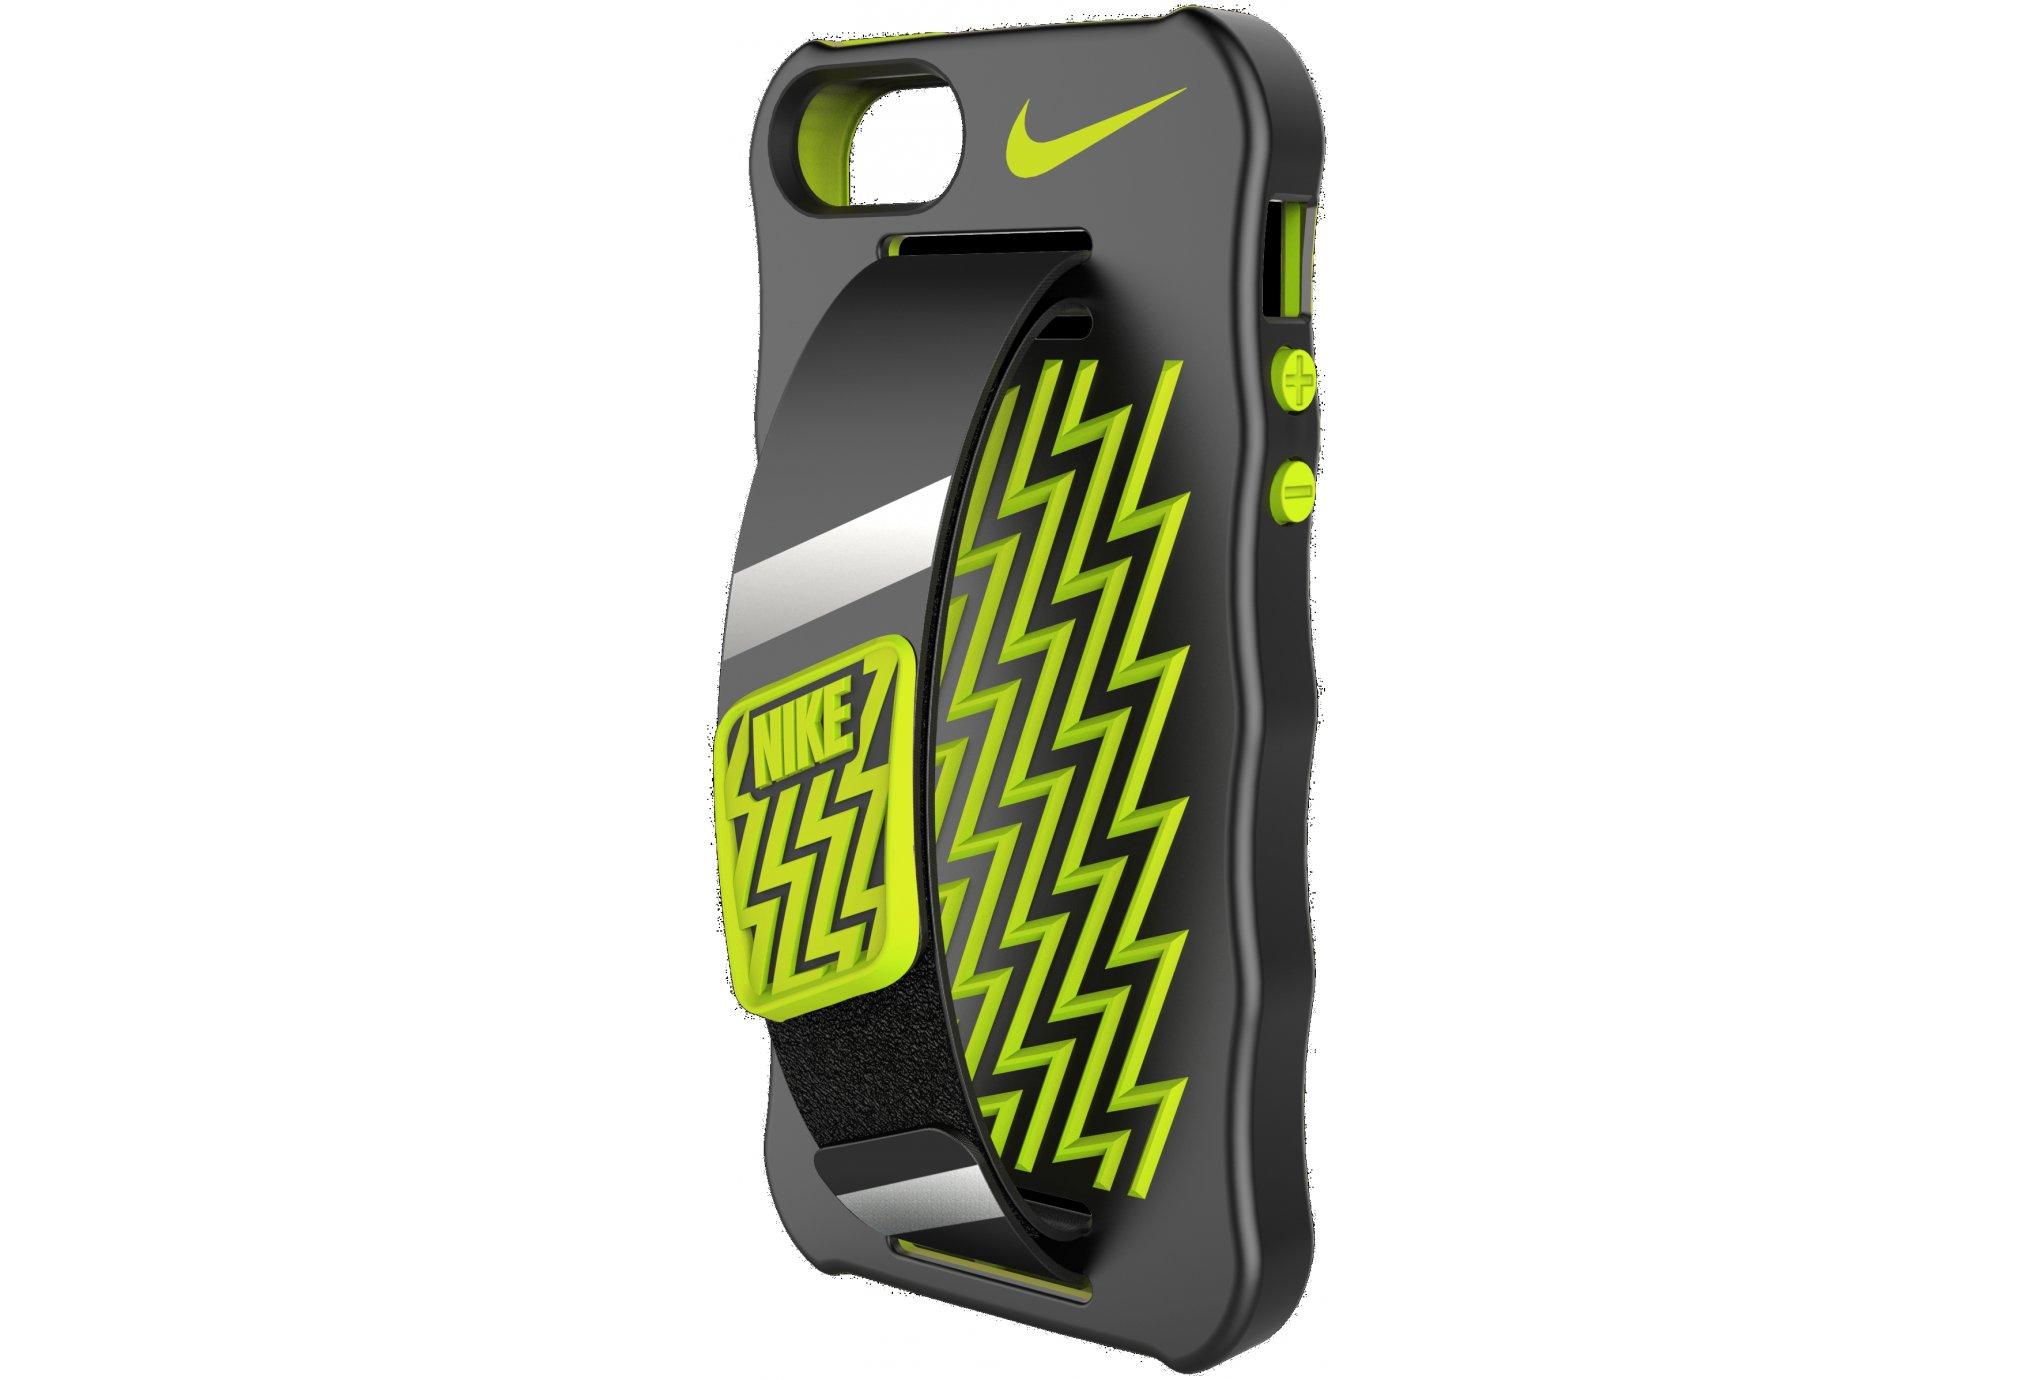 Nike Protection pour iPhone5 Hand Held Accessoires téléphone